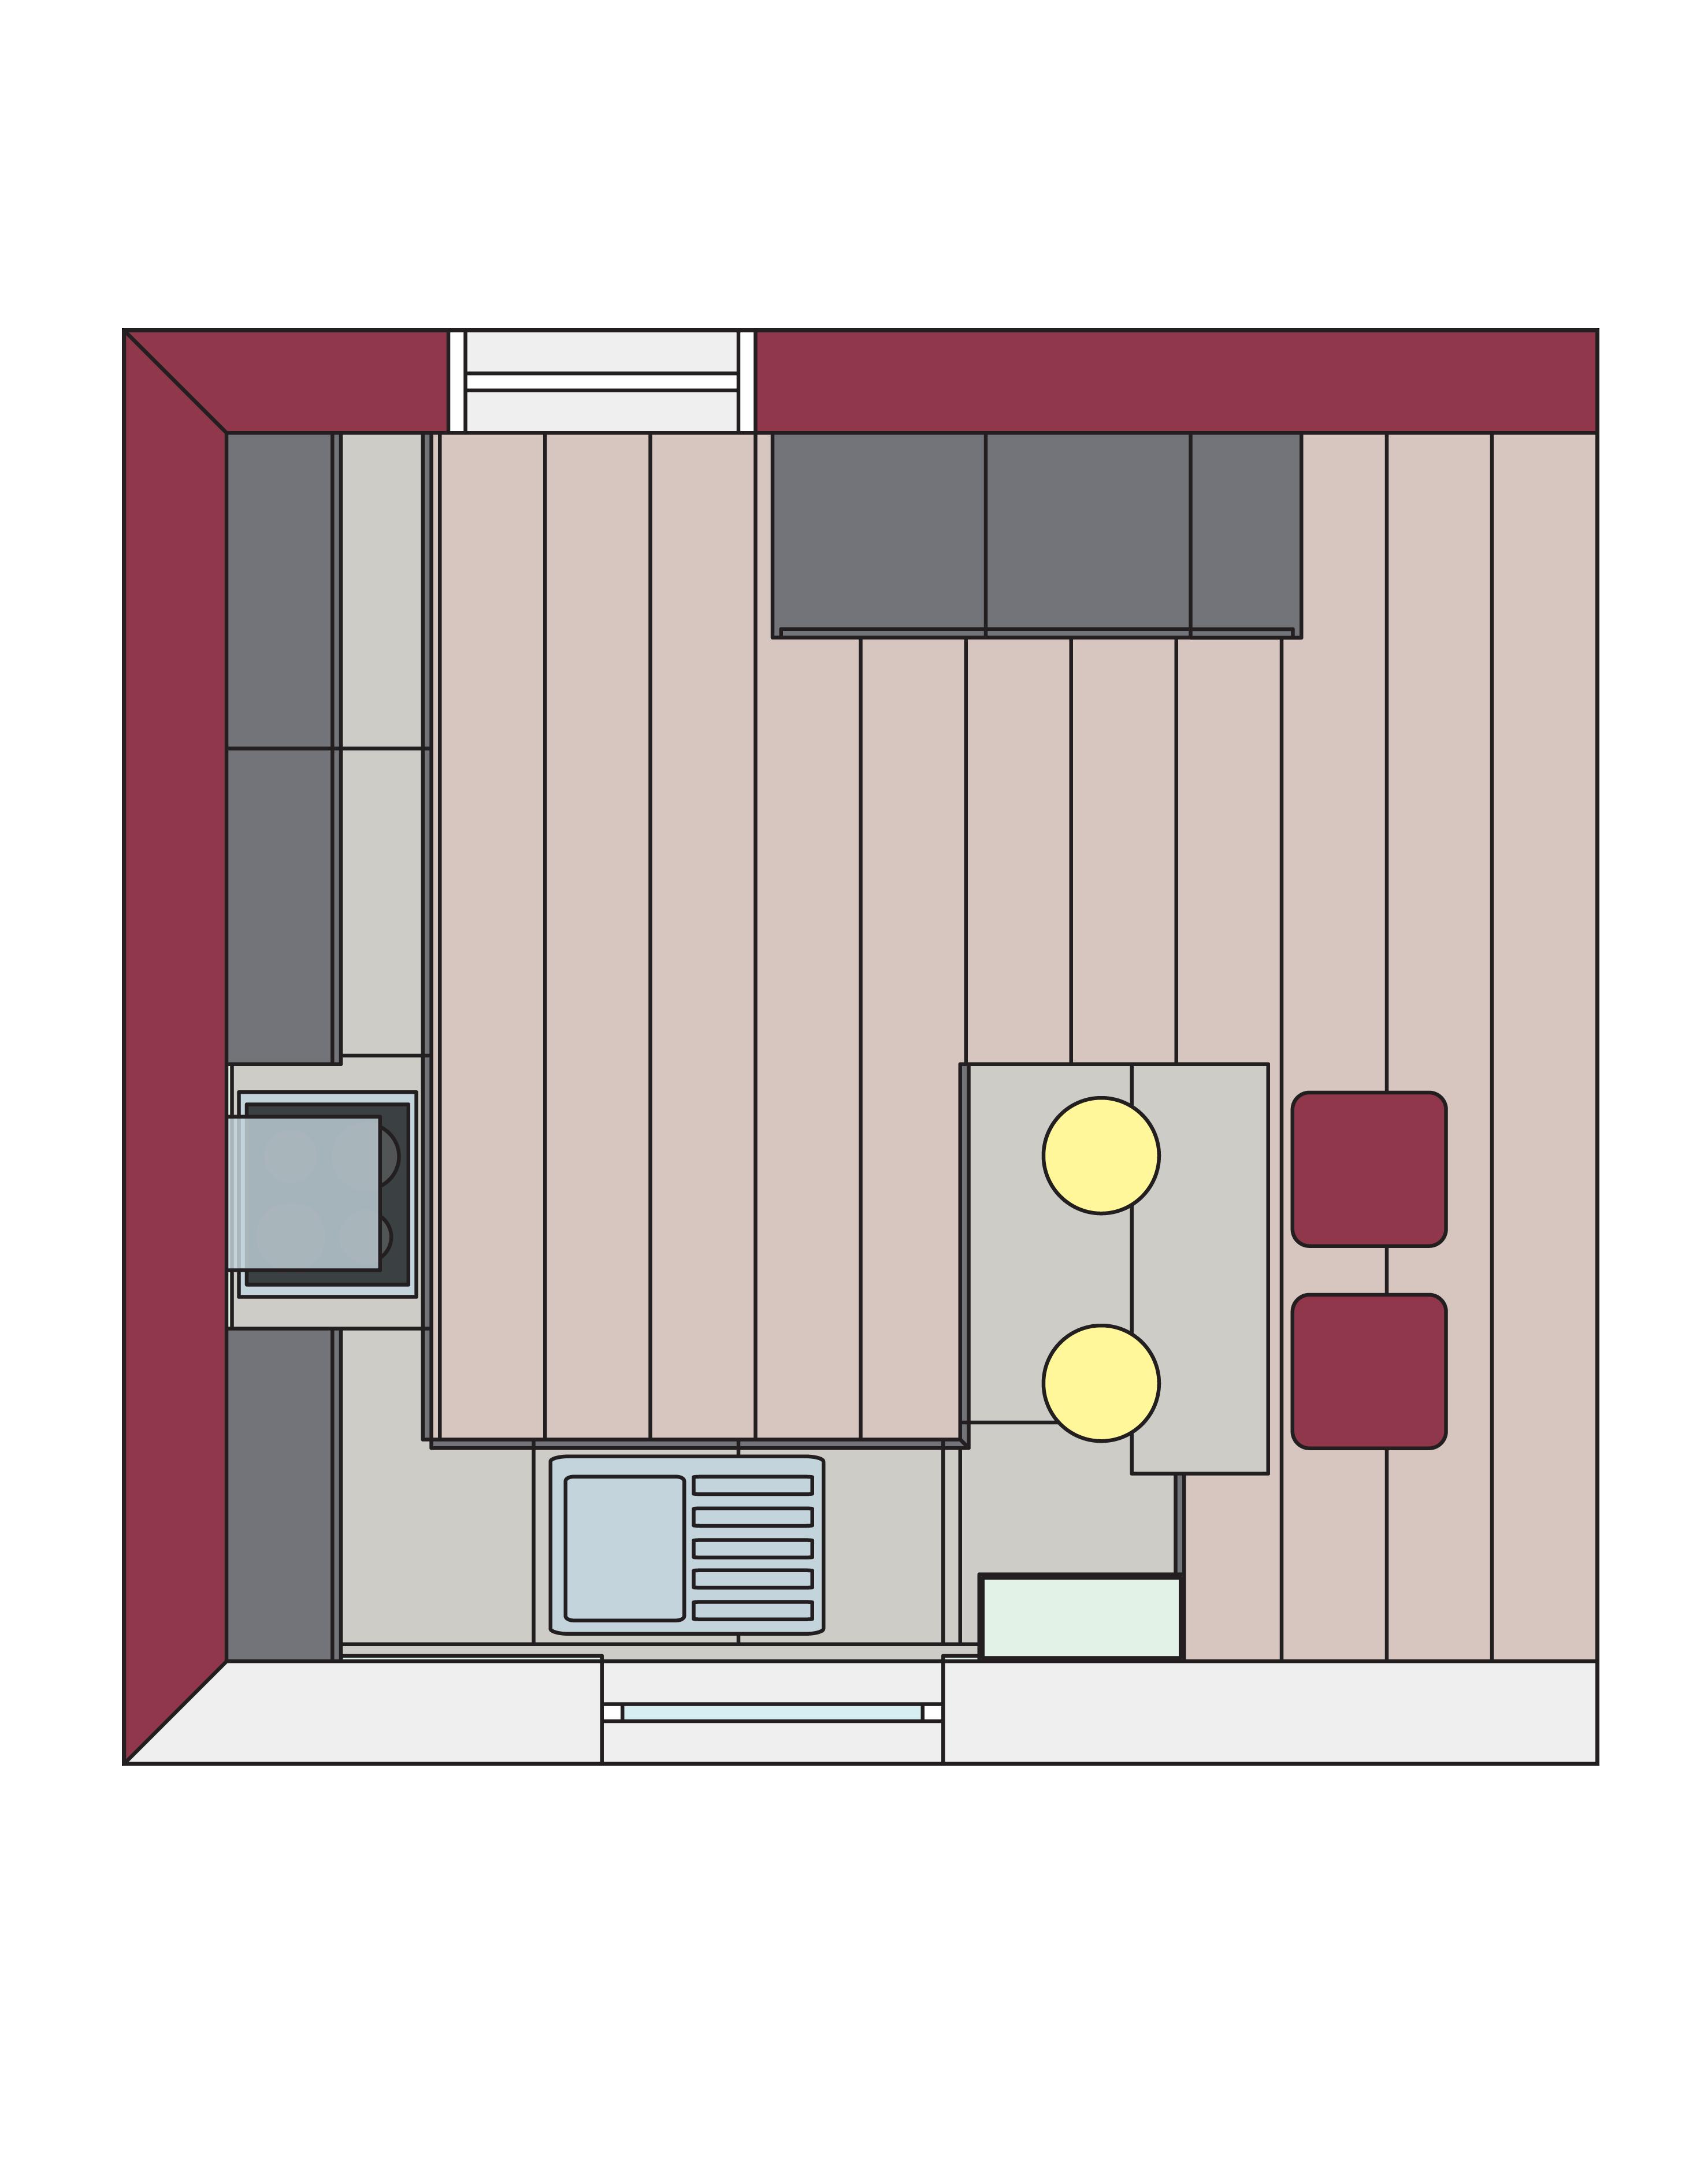 Eine Küche, ein Grundriss, Fünf mal anders - Küche&Co